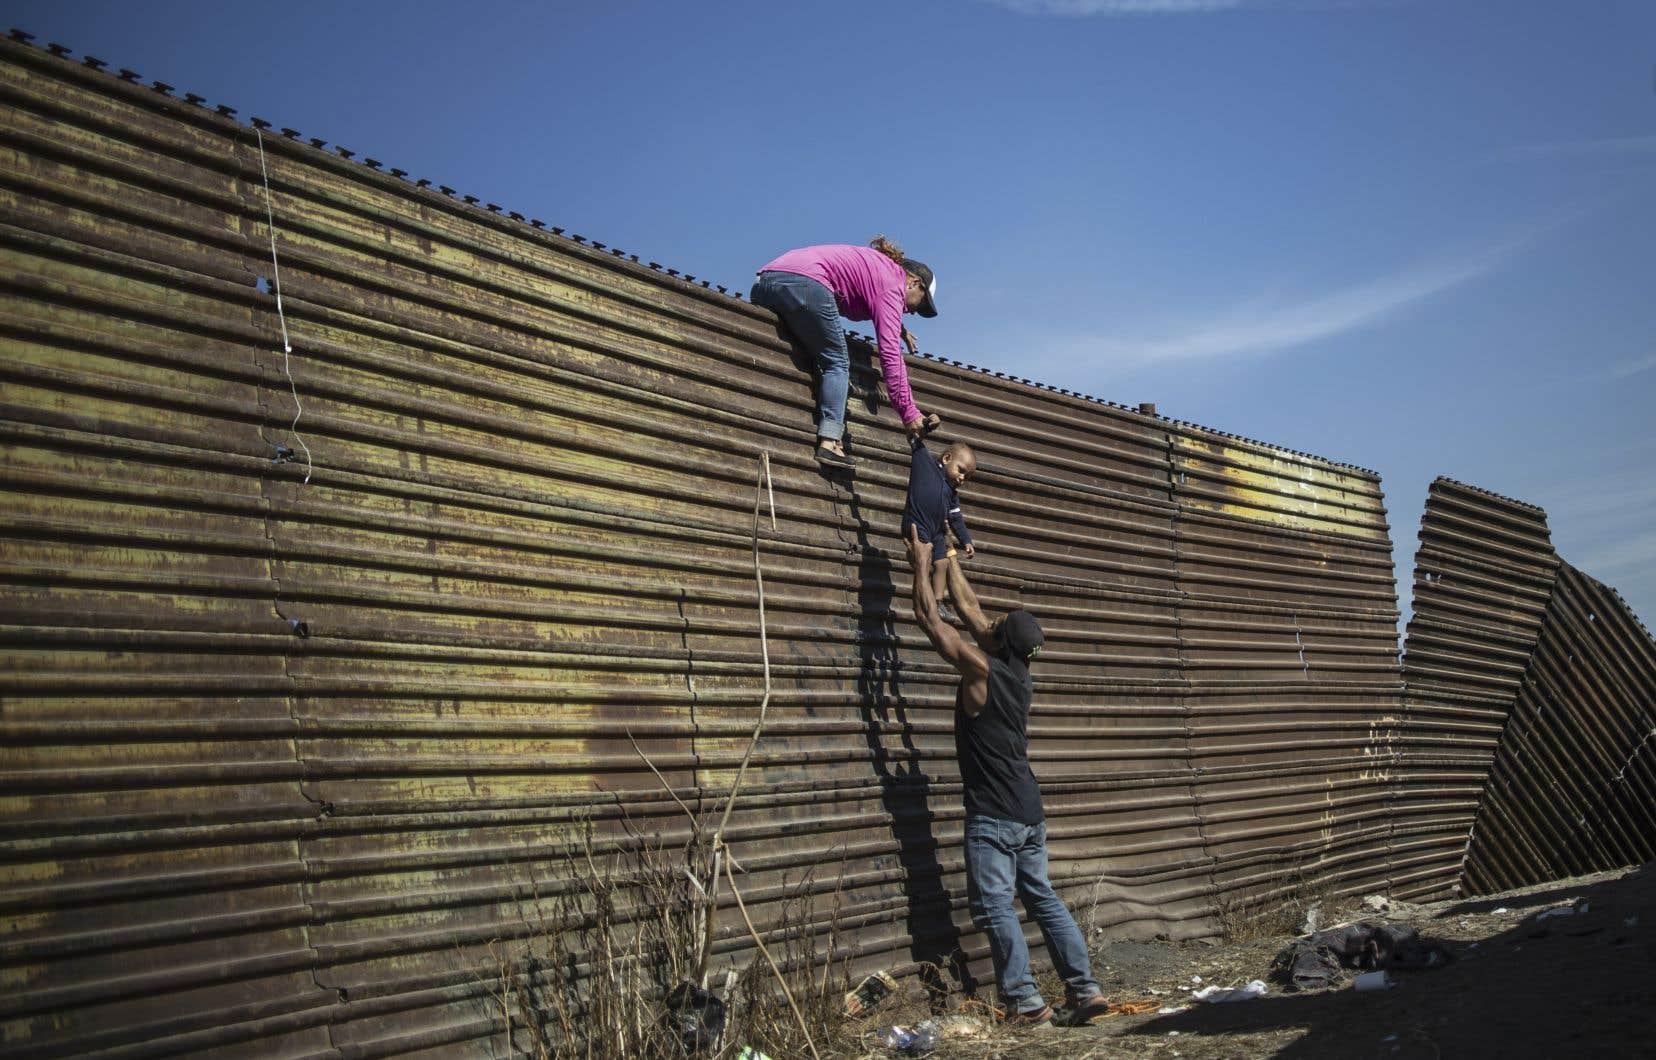 Pedro Pardoa été nommé dans la catégorie «Spot News, Singles» (Instantanés d'actualité, image seule) pour sa photo d'un groupe de migrants latino-américains escaladant une barrière entre le Mexique et les États-Unis.